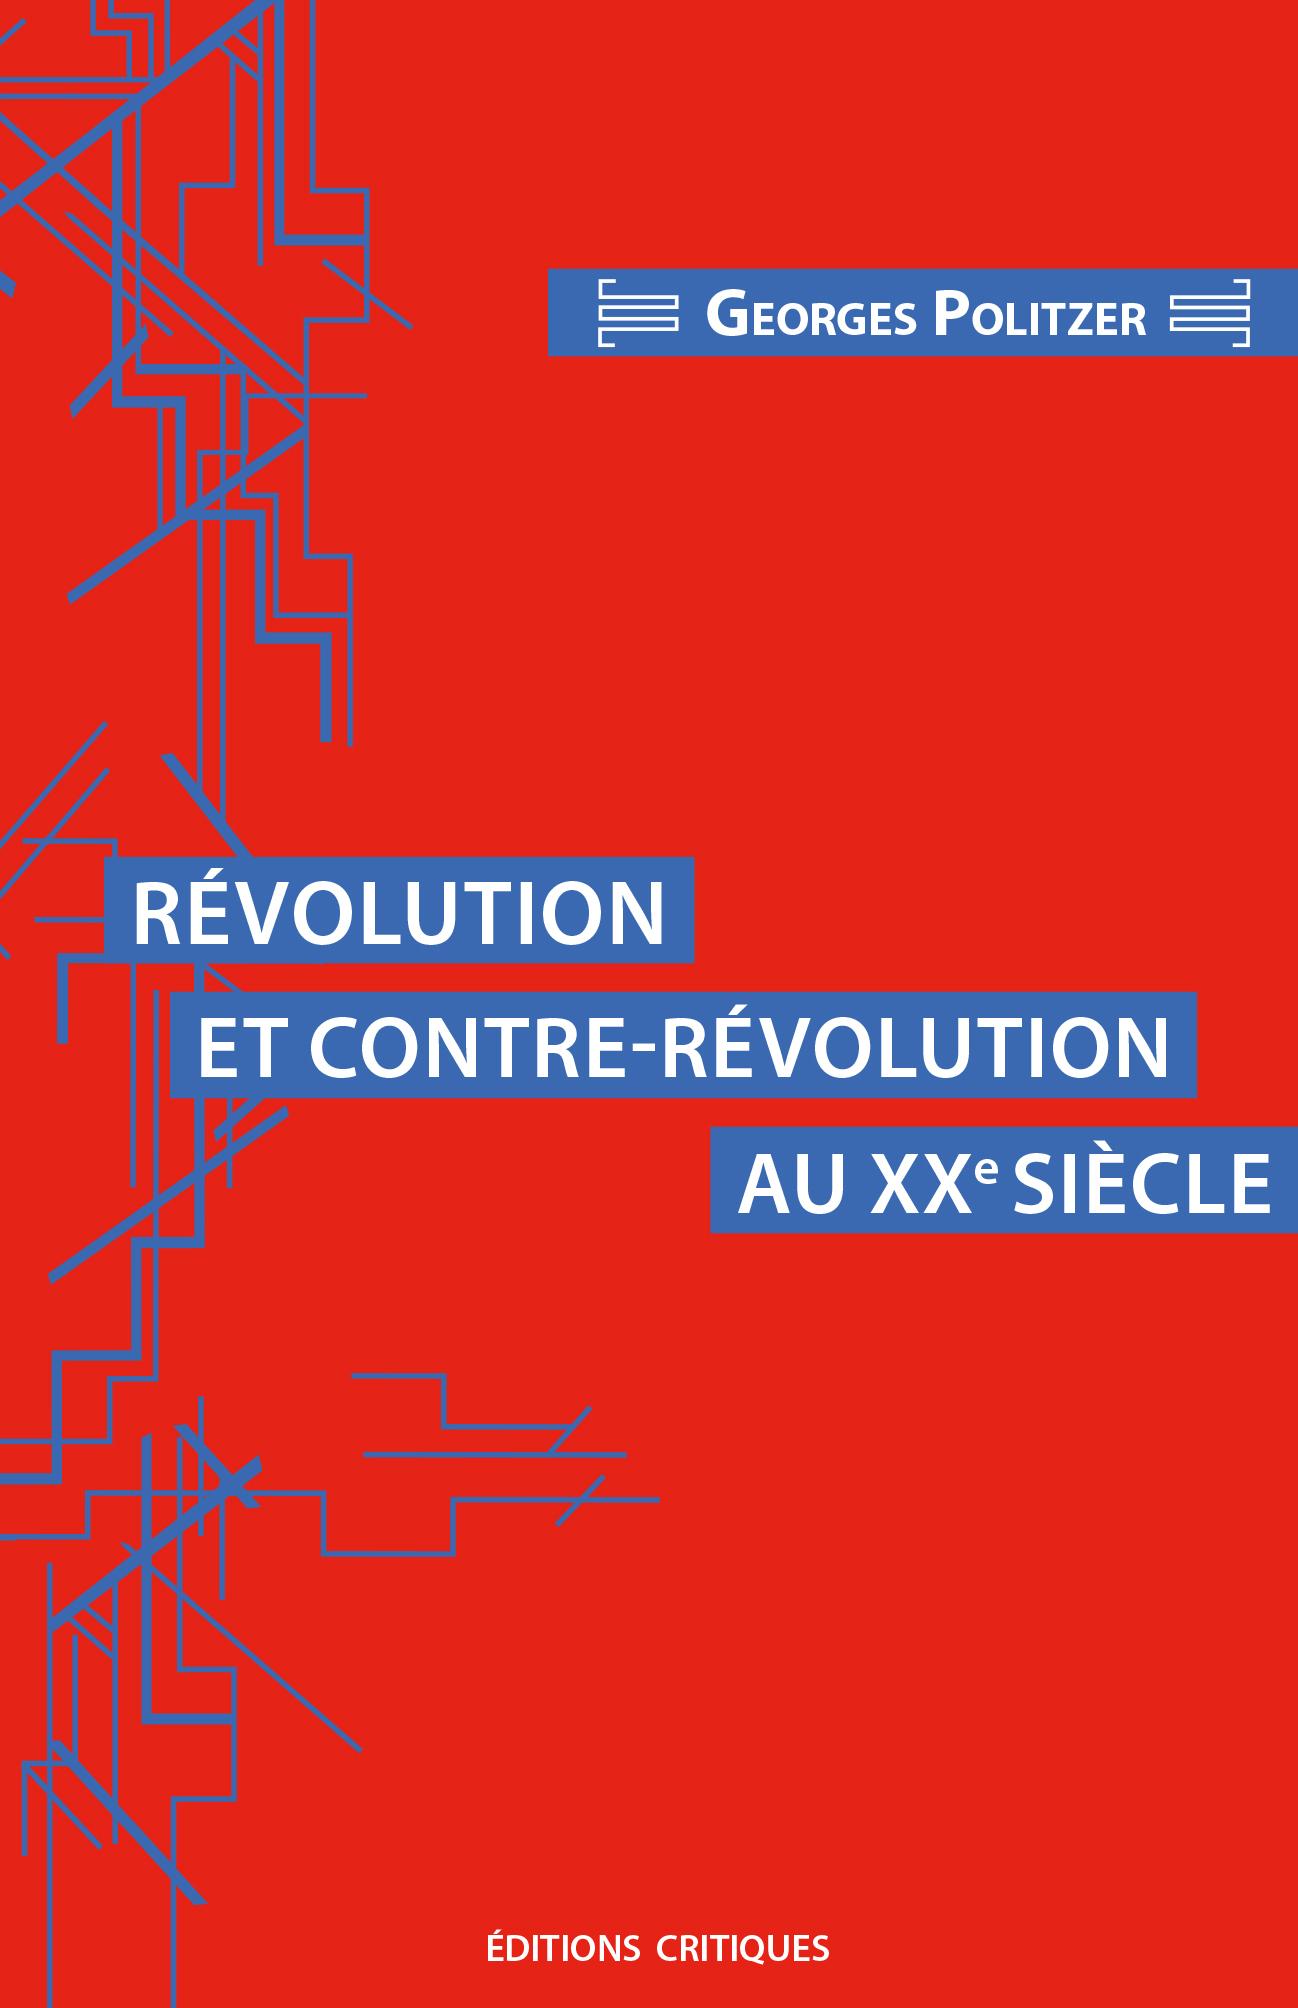 REVOLUTION ET CONTRE-REVOLUTION AU XXE SIECLE